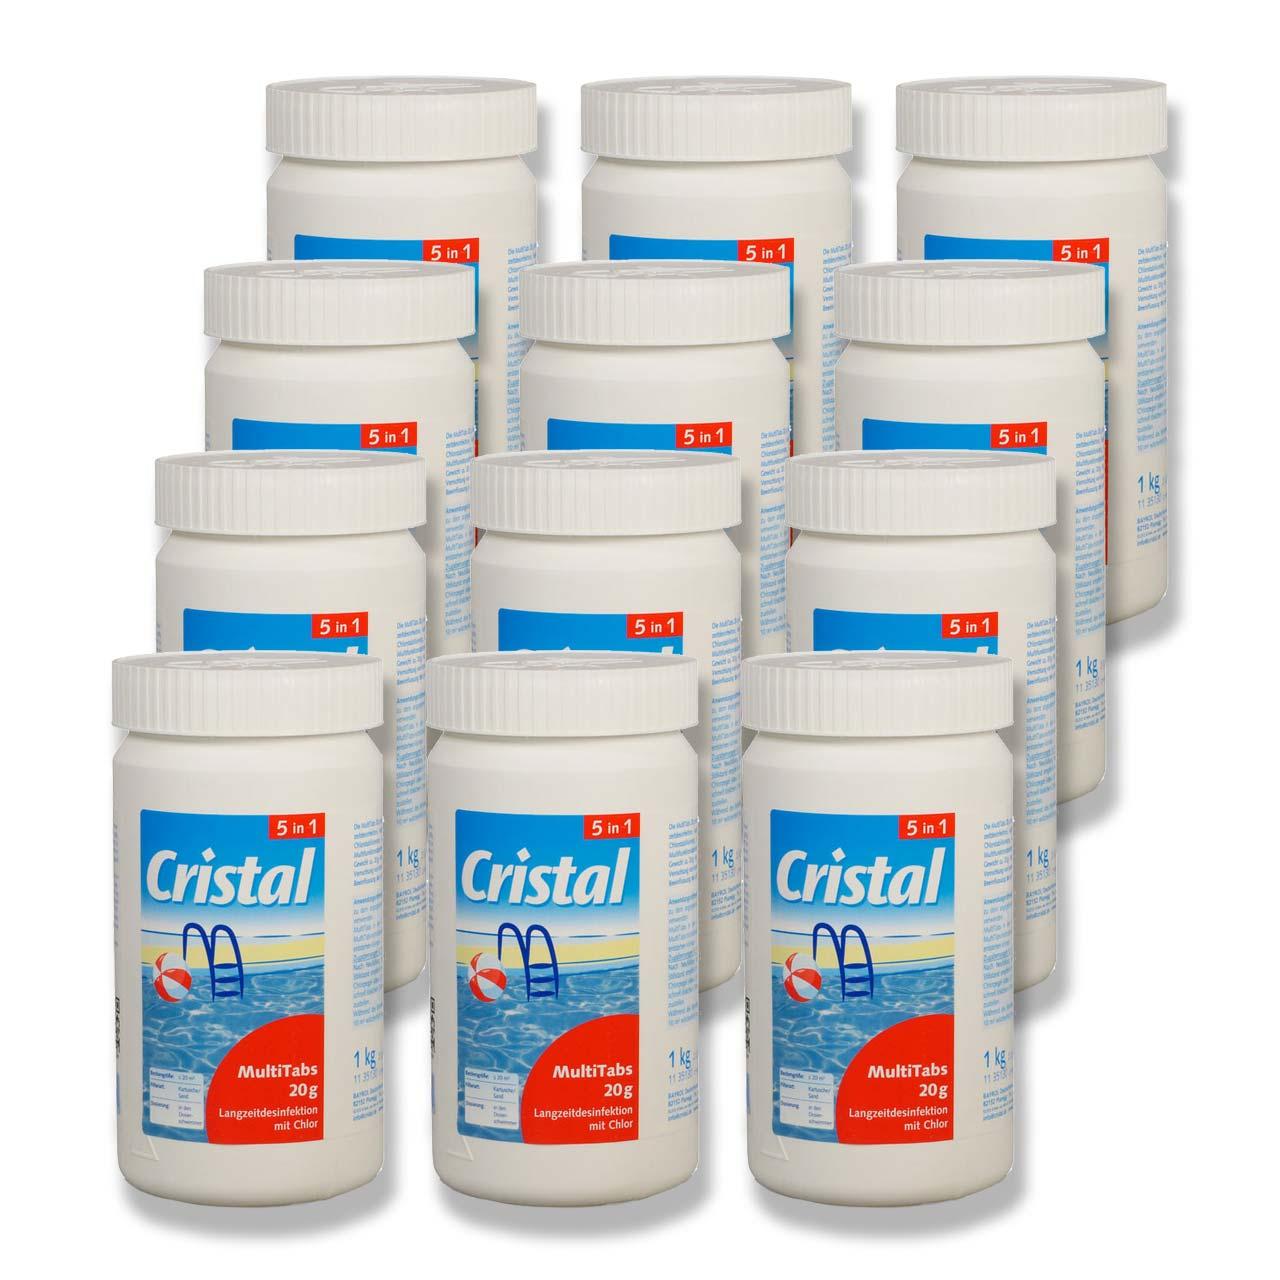 Cristal MultiTabs 5-in-1 á 20g (1 kg) 12er Set